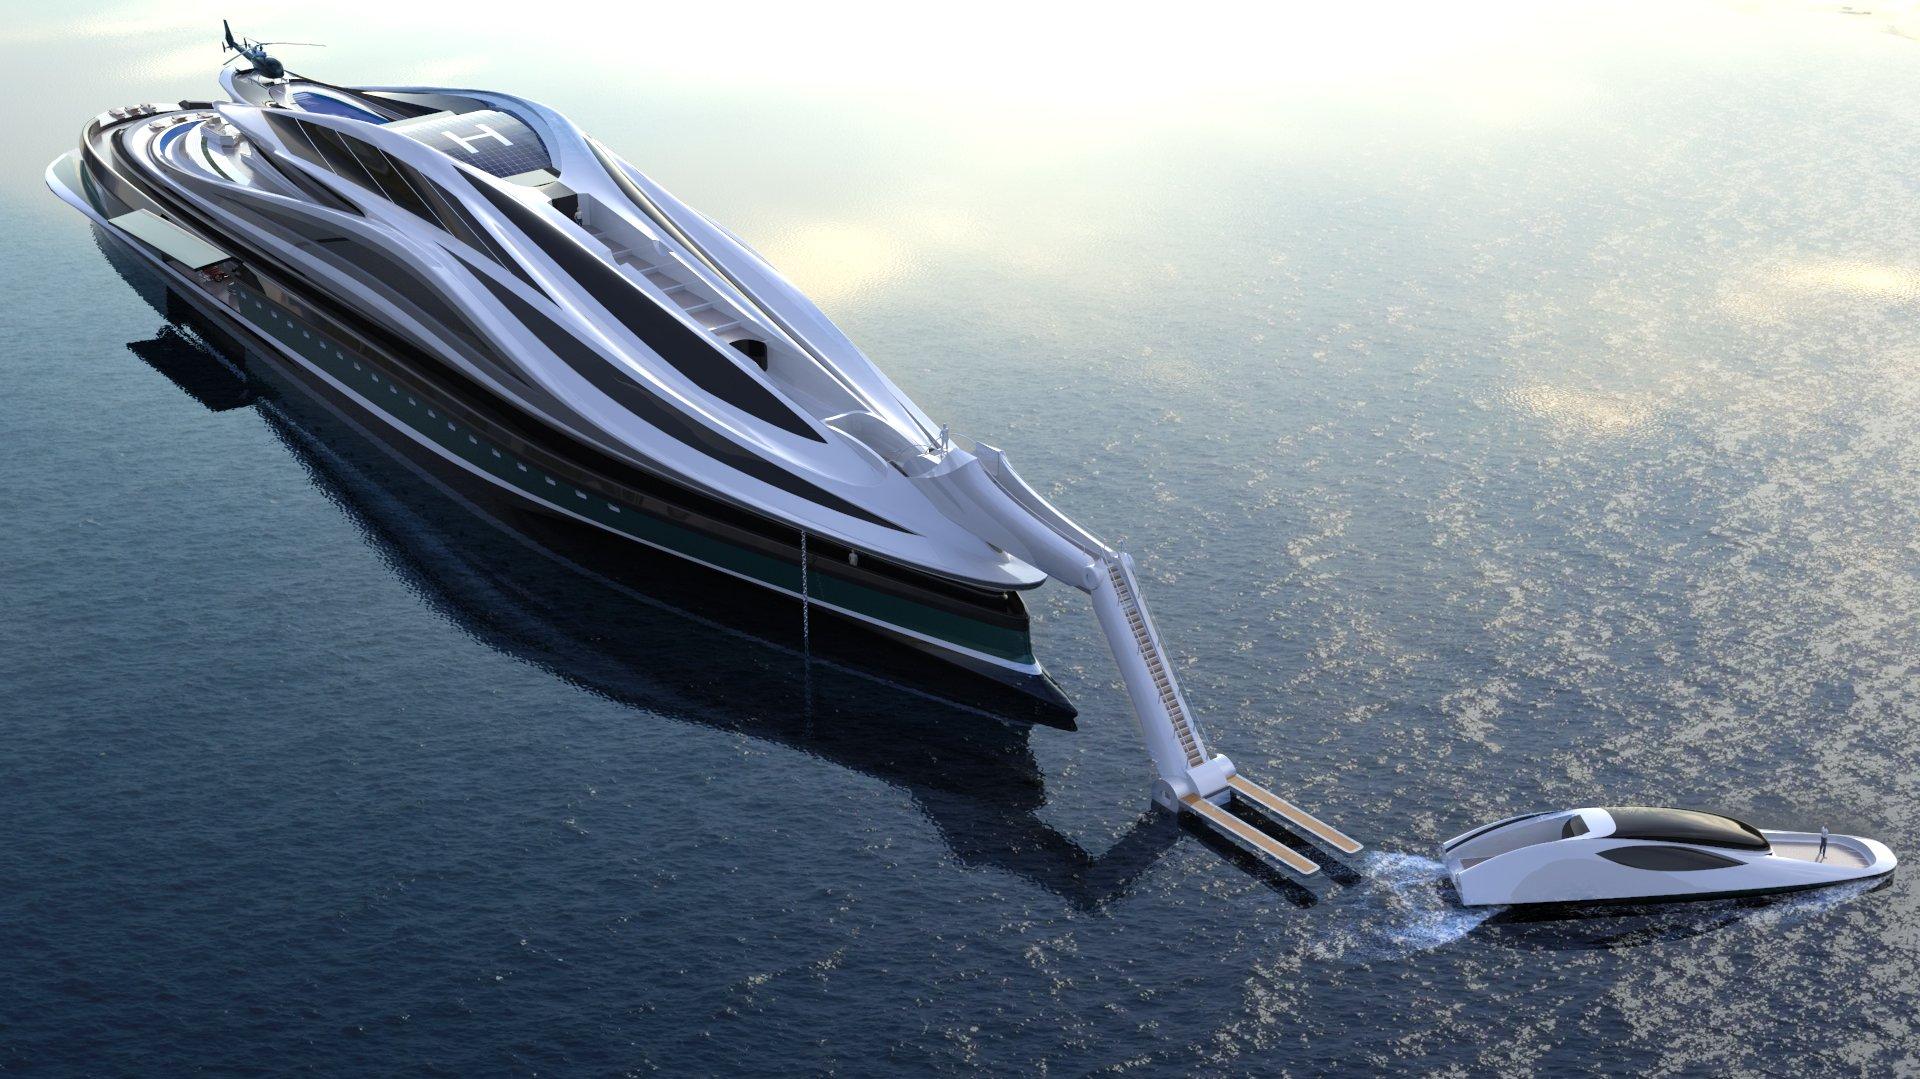 avanguardia, jacht, zwaan, boot, superjacht